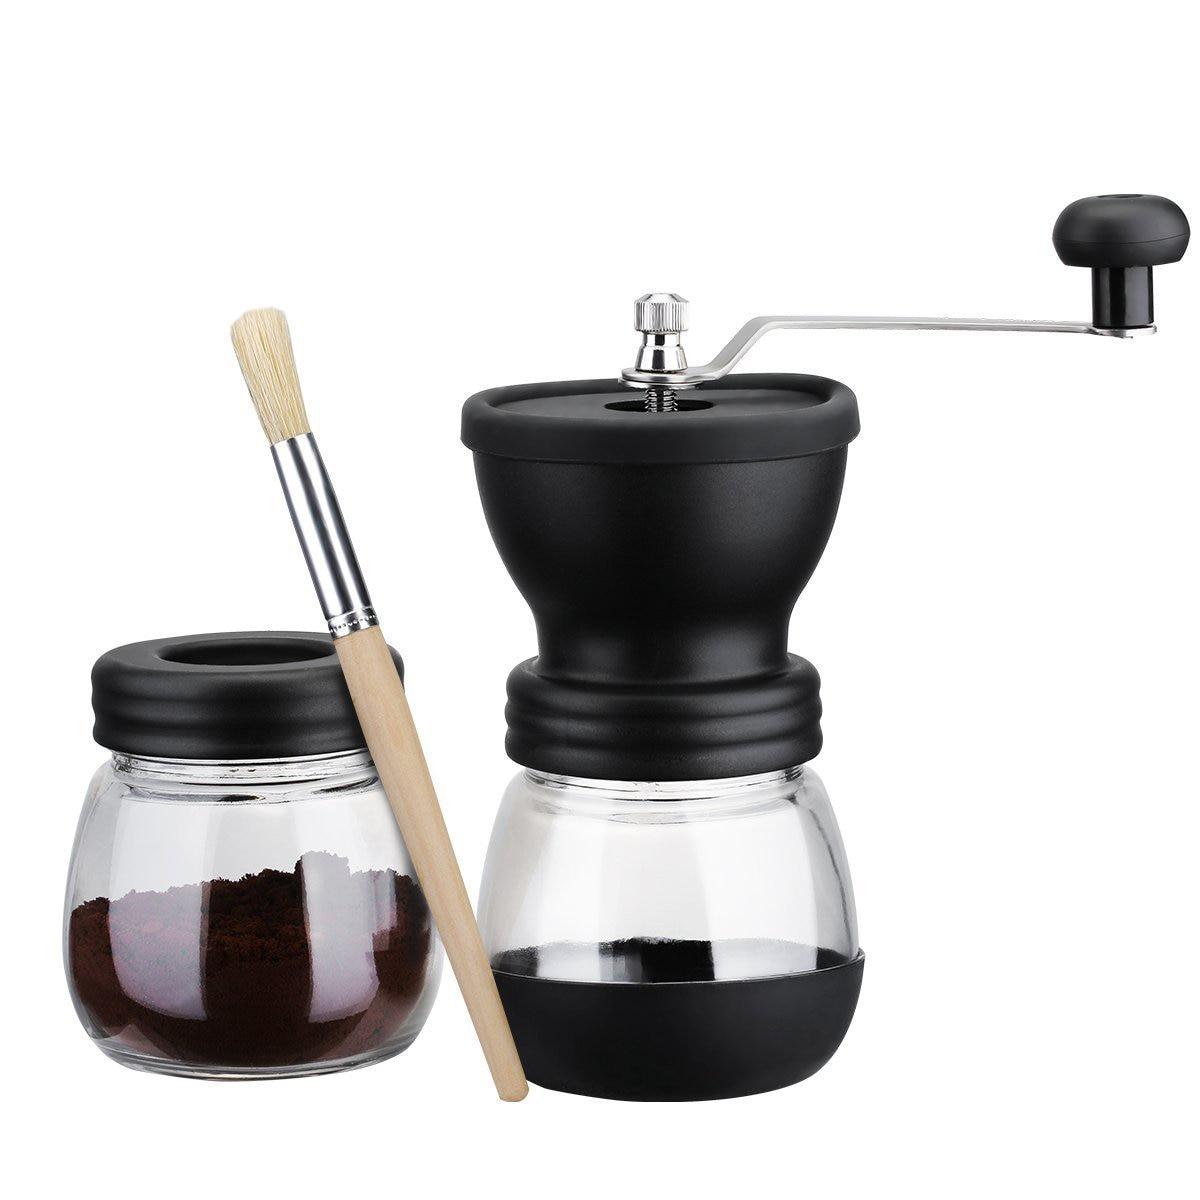 Sıcak manuel kahve değirmeni depolama kavanoz ile yumuşak fırça konik seramik çapak sessiz ve taşınabilir